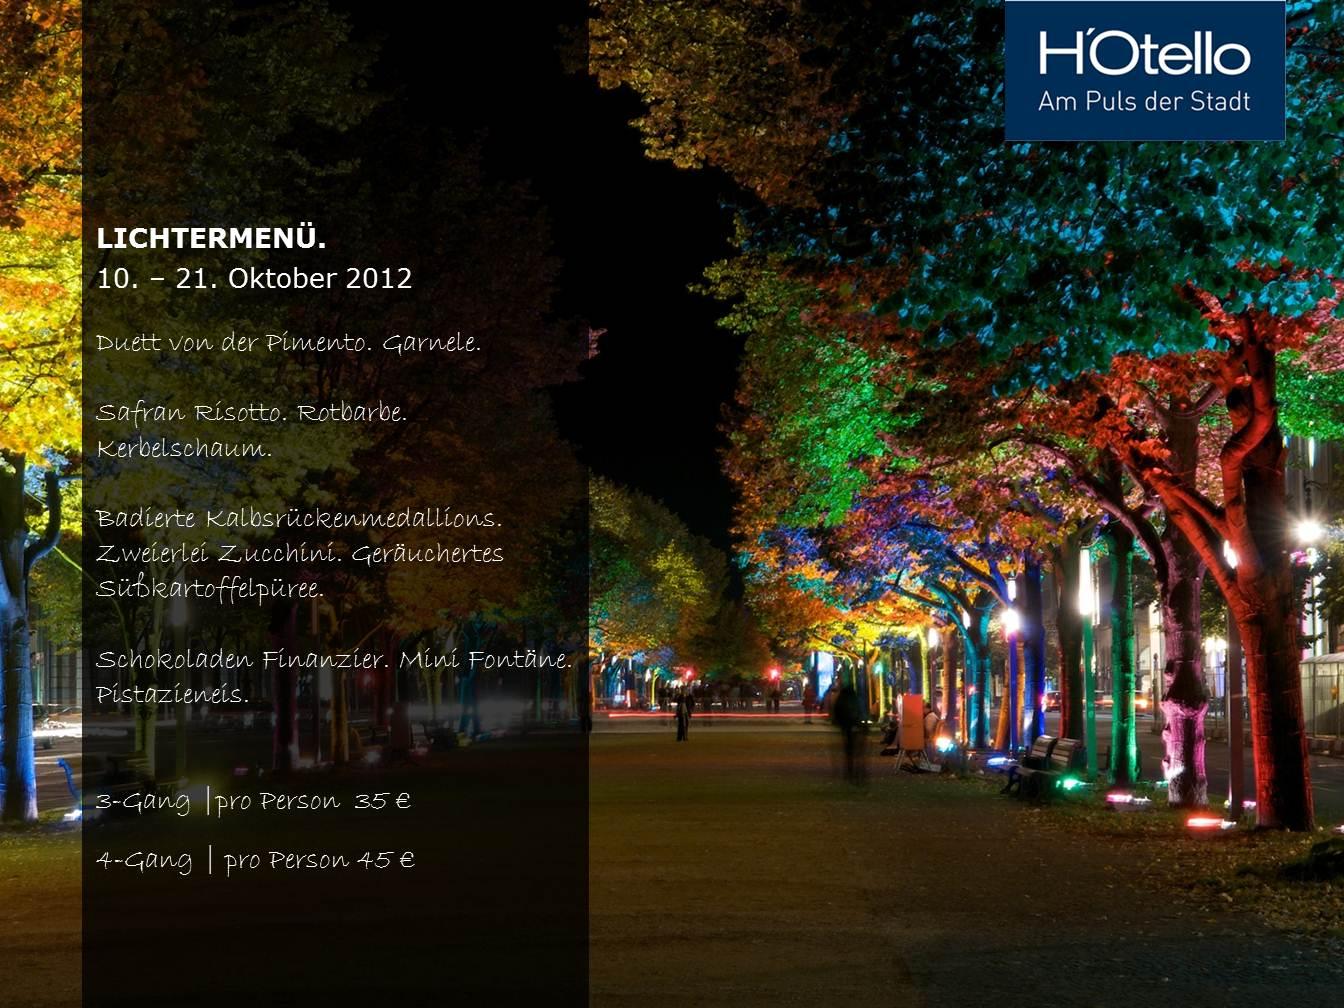 h otello k 80 pr sentiert sich beim festival of lights 2012 reisespass24. Black Bedroom Furniture Sets. Home Design Ideas